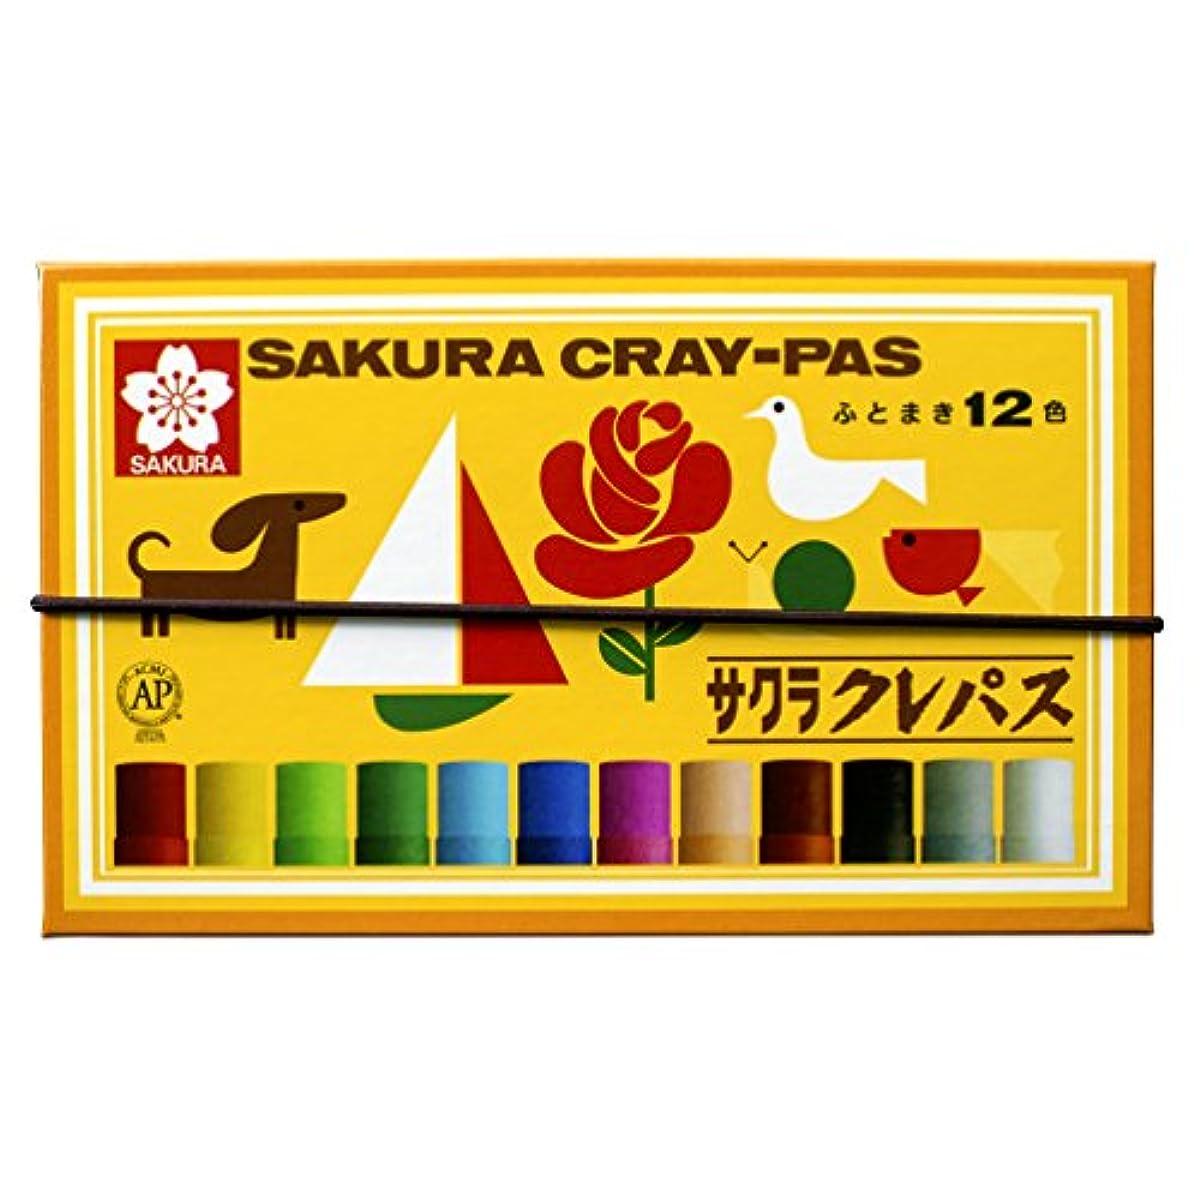 [해외] 사쿠라  크레파스 12색 고무 밴드 부착